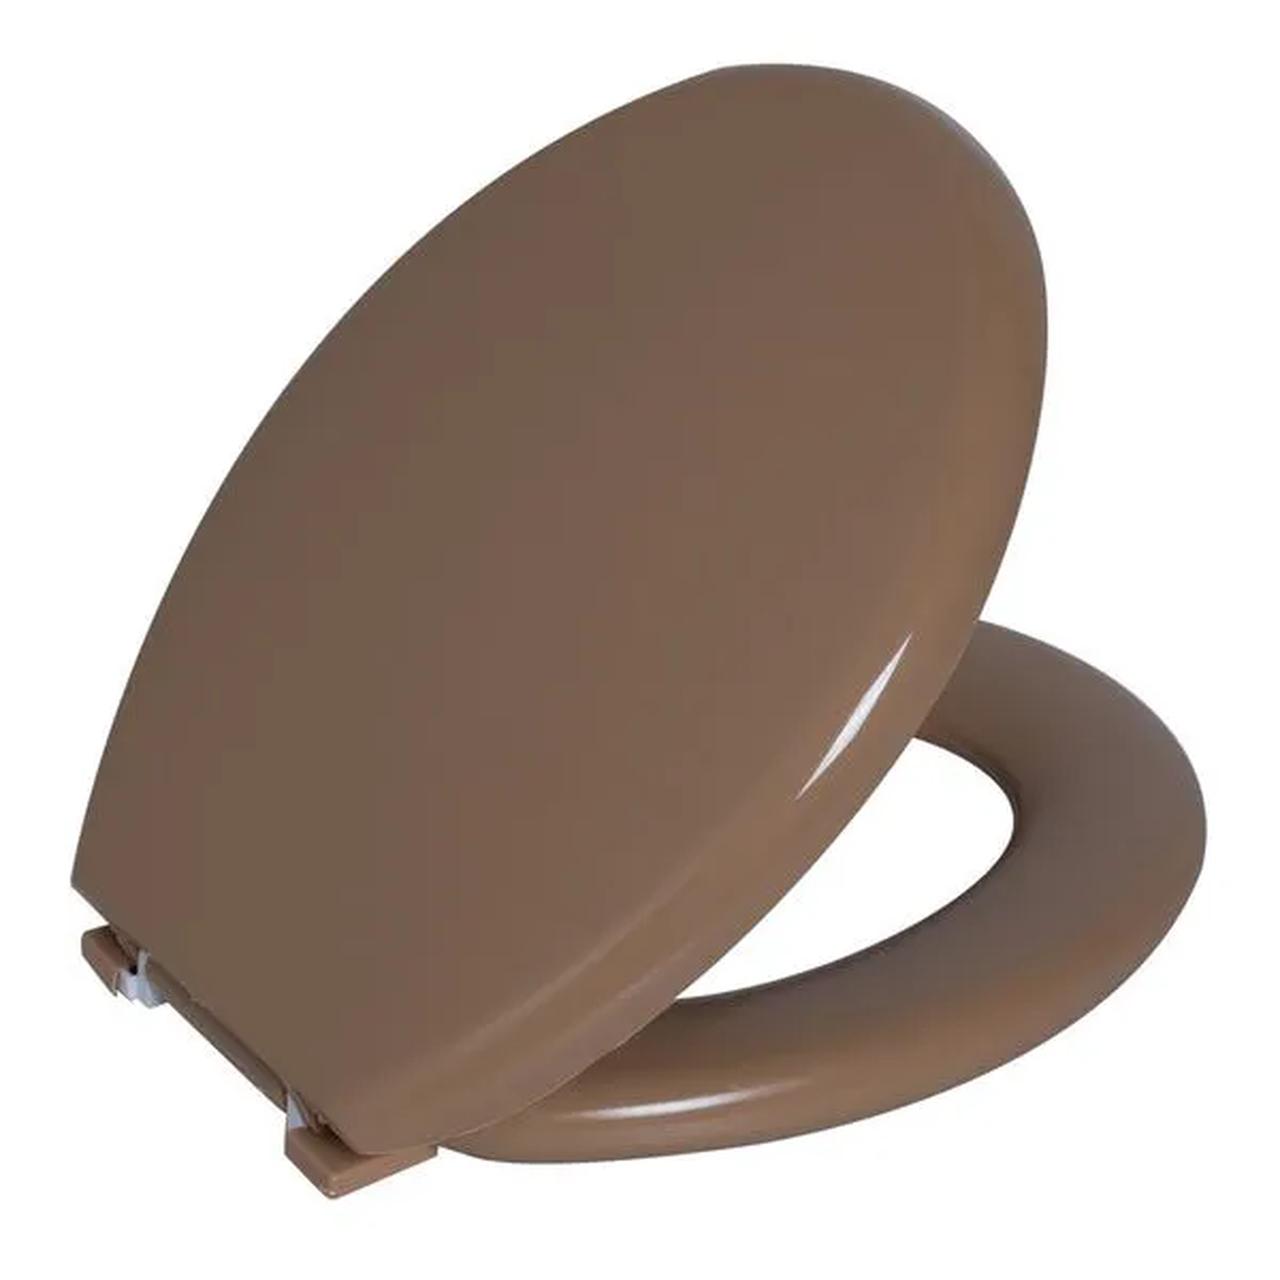 Assento Sanitario Astra Oval Almofadado TPK/AS - Bege 7 (BG7)